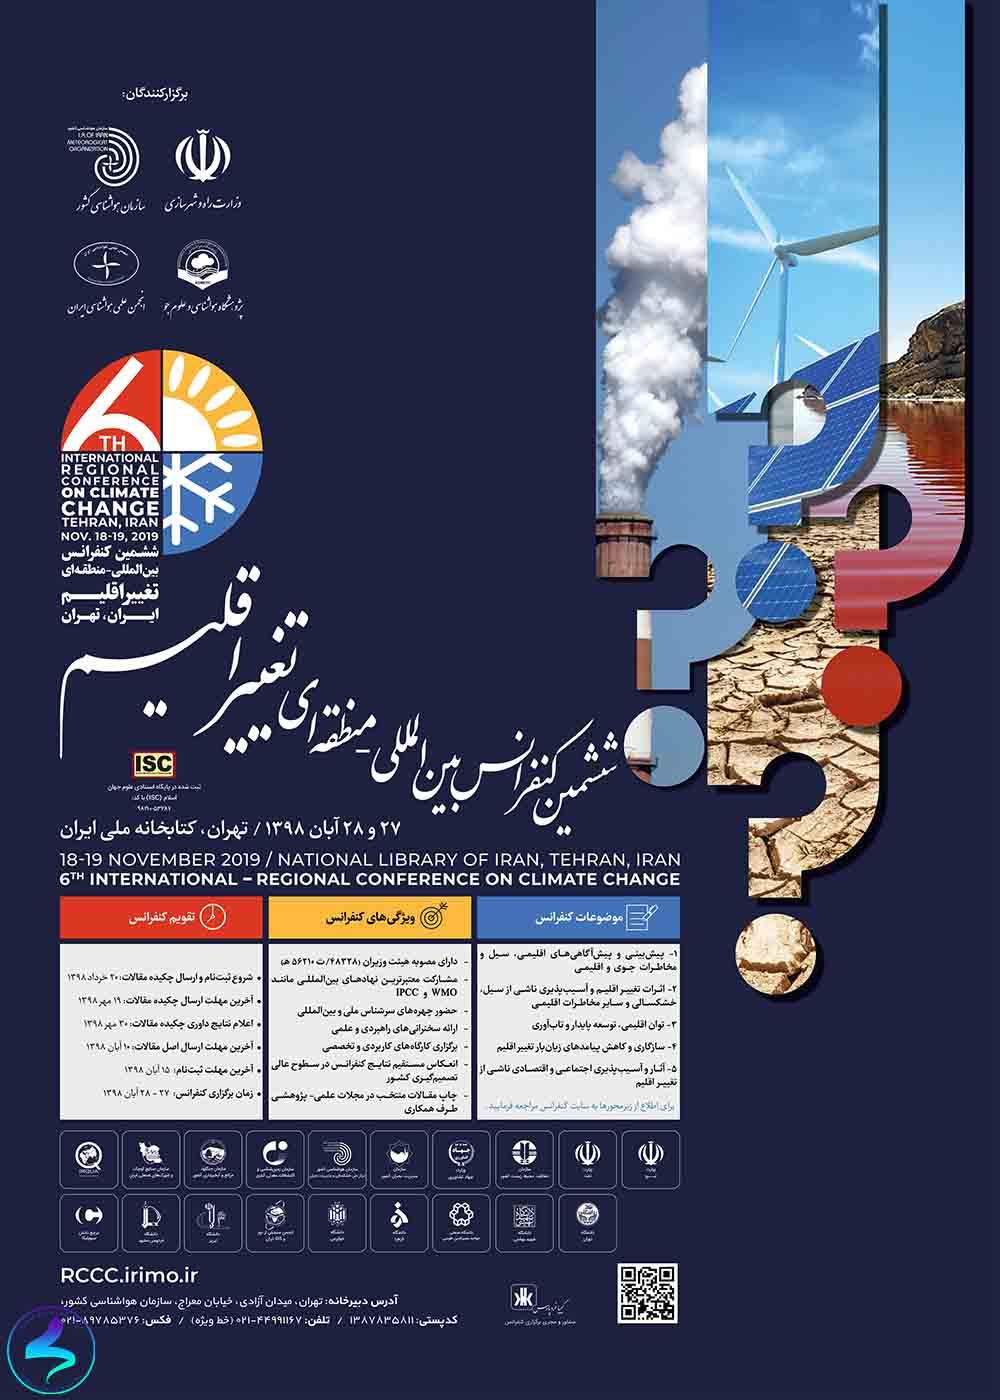 ششمین کنفرانس بینالمللی و منطقهای تغییر اقلیم